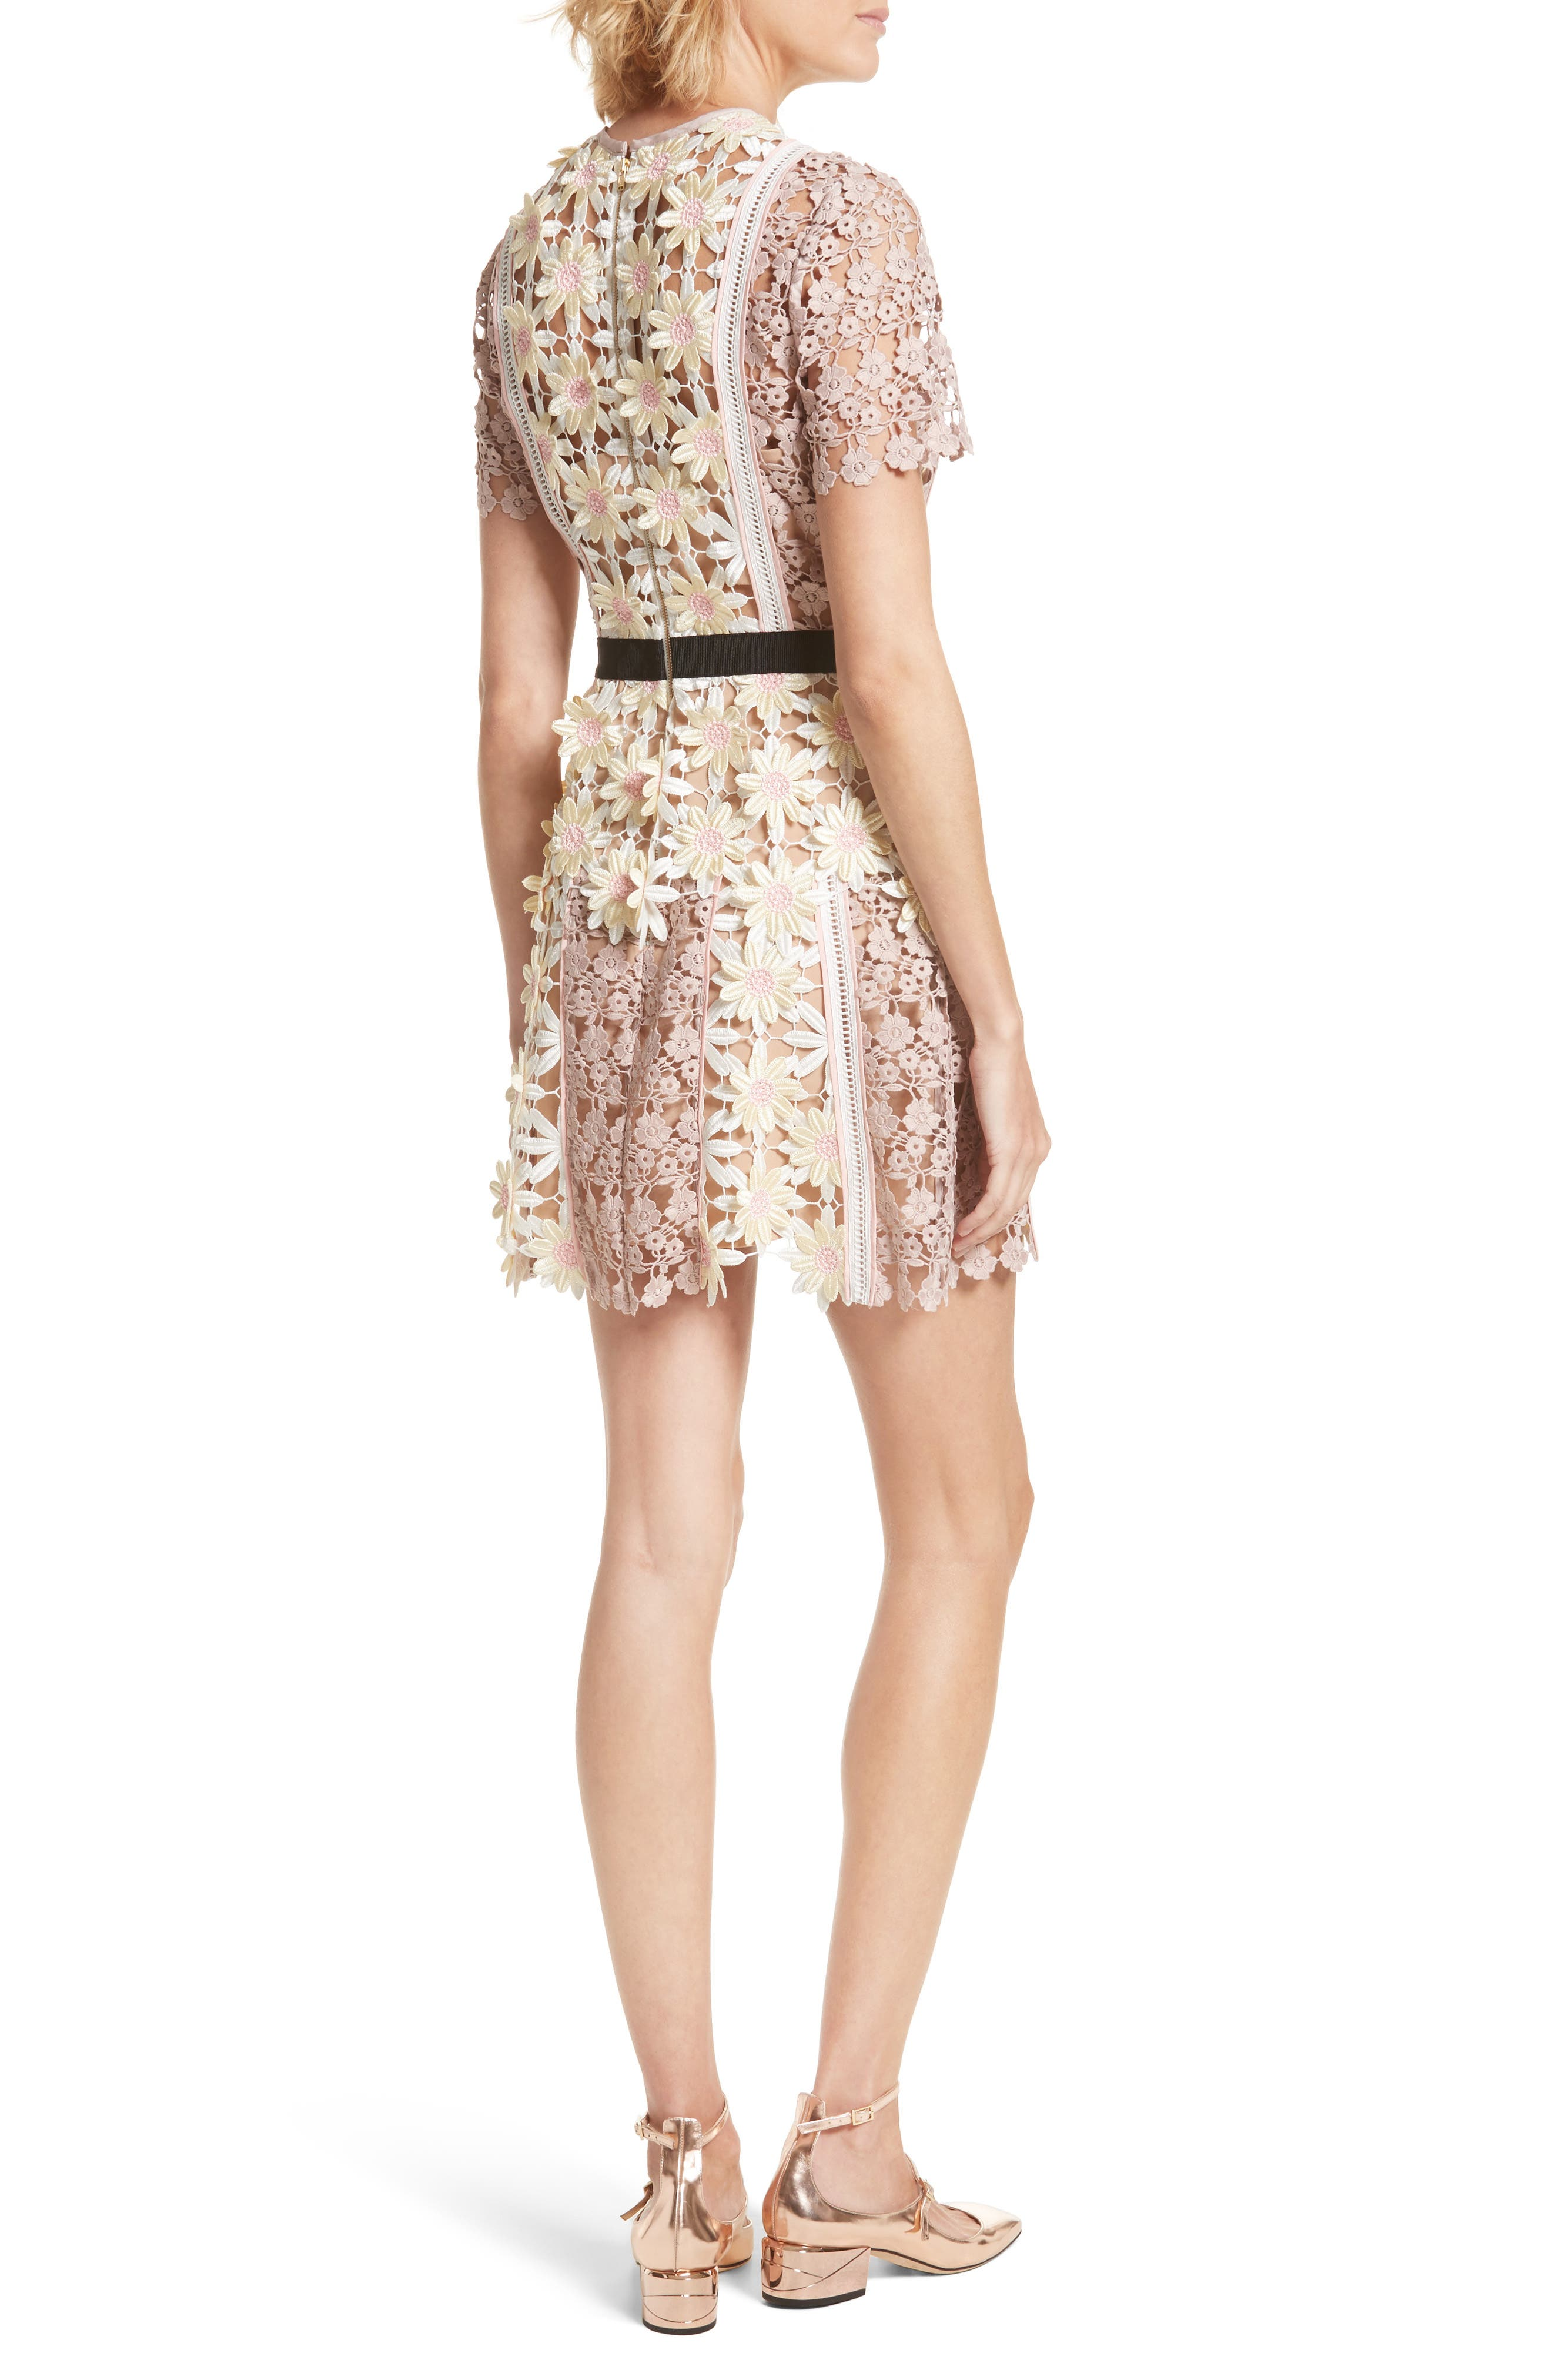 3D Floral Lace Peplum Dress,                             Alternate thumbnail 2, color,                             Multi